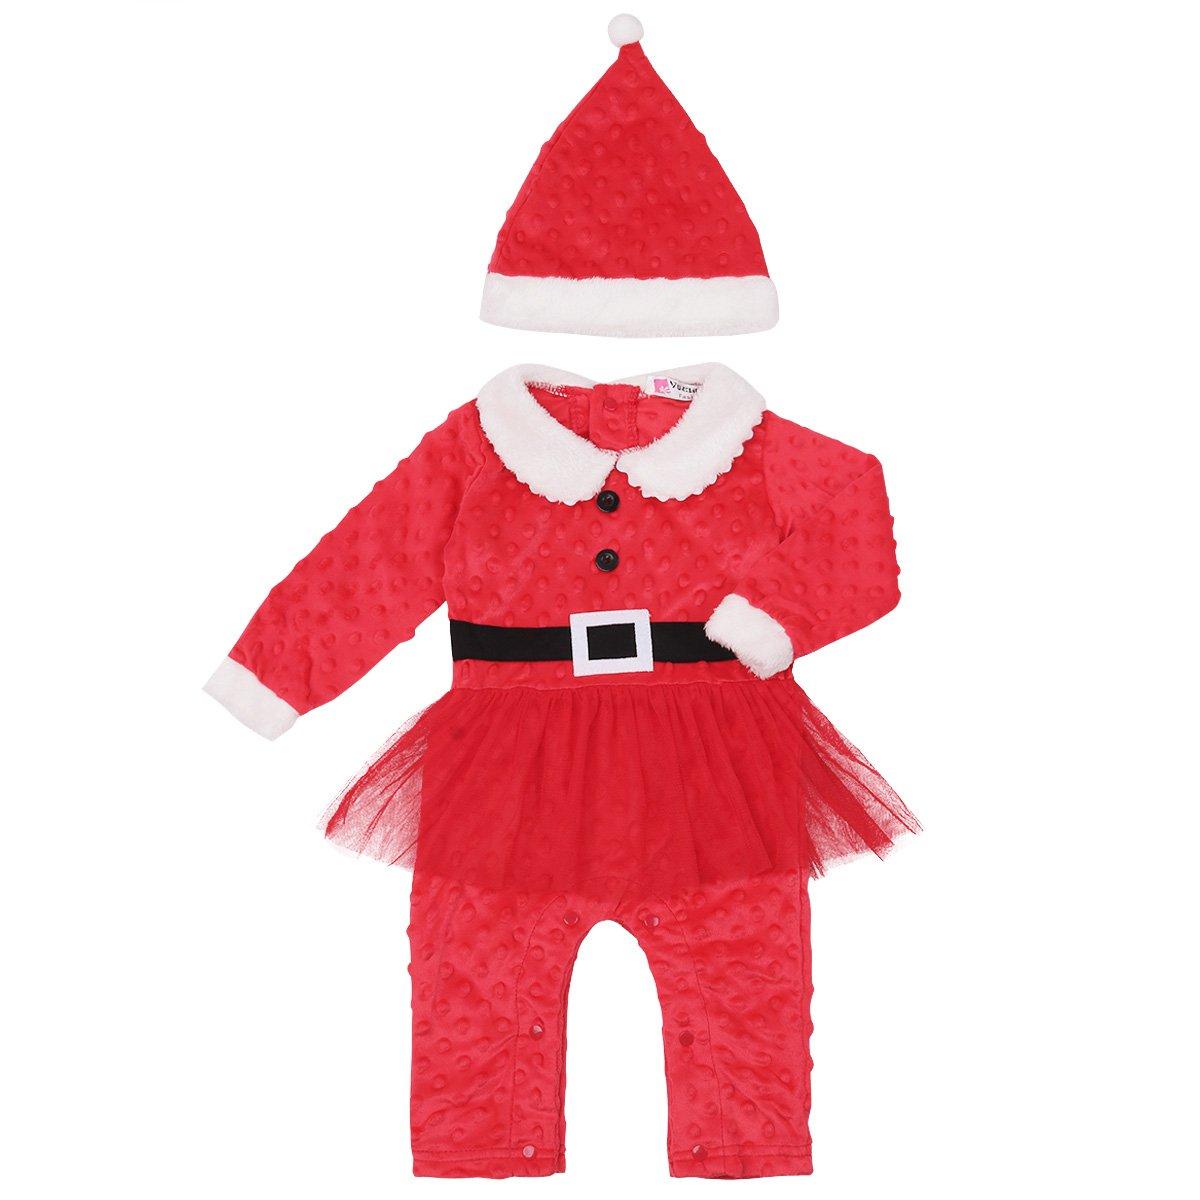 Alvivi Traje de Nieve Bebé Ropa de Invierno Peleles Cálido Mameluco Navidad Monos Manga Larga+Sombrero de Navidad para Niños Niñas